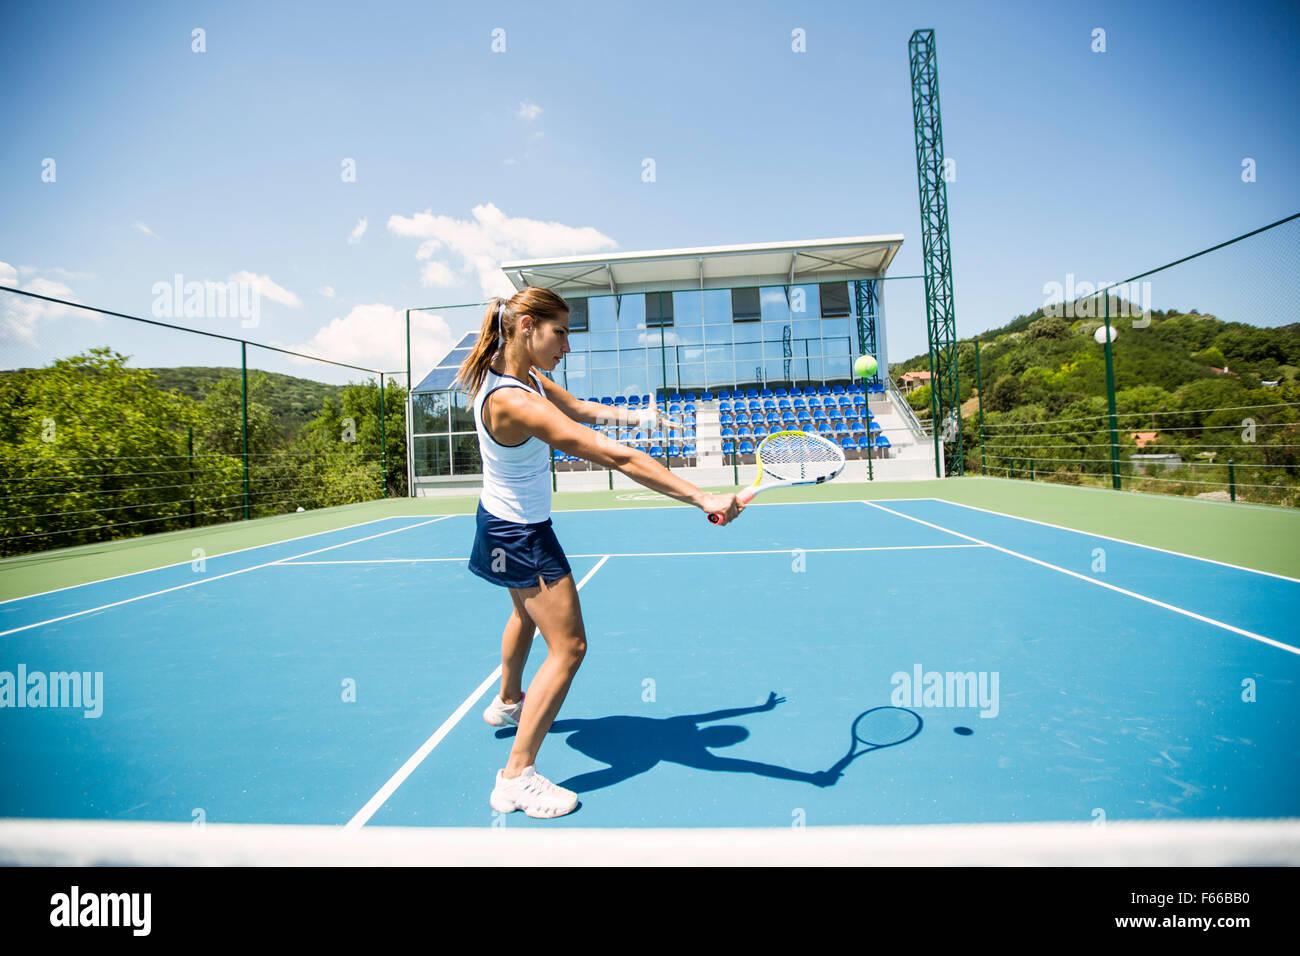 Tennis player effectuant un drop shot sur une belle cour bleu Photo Stock